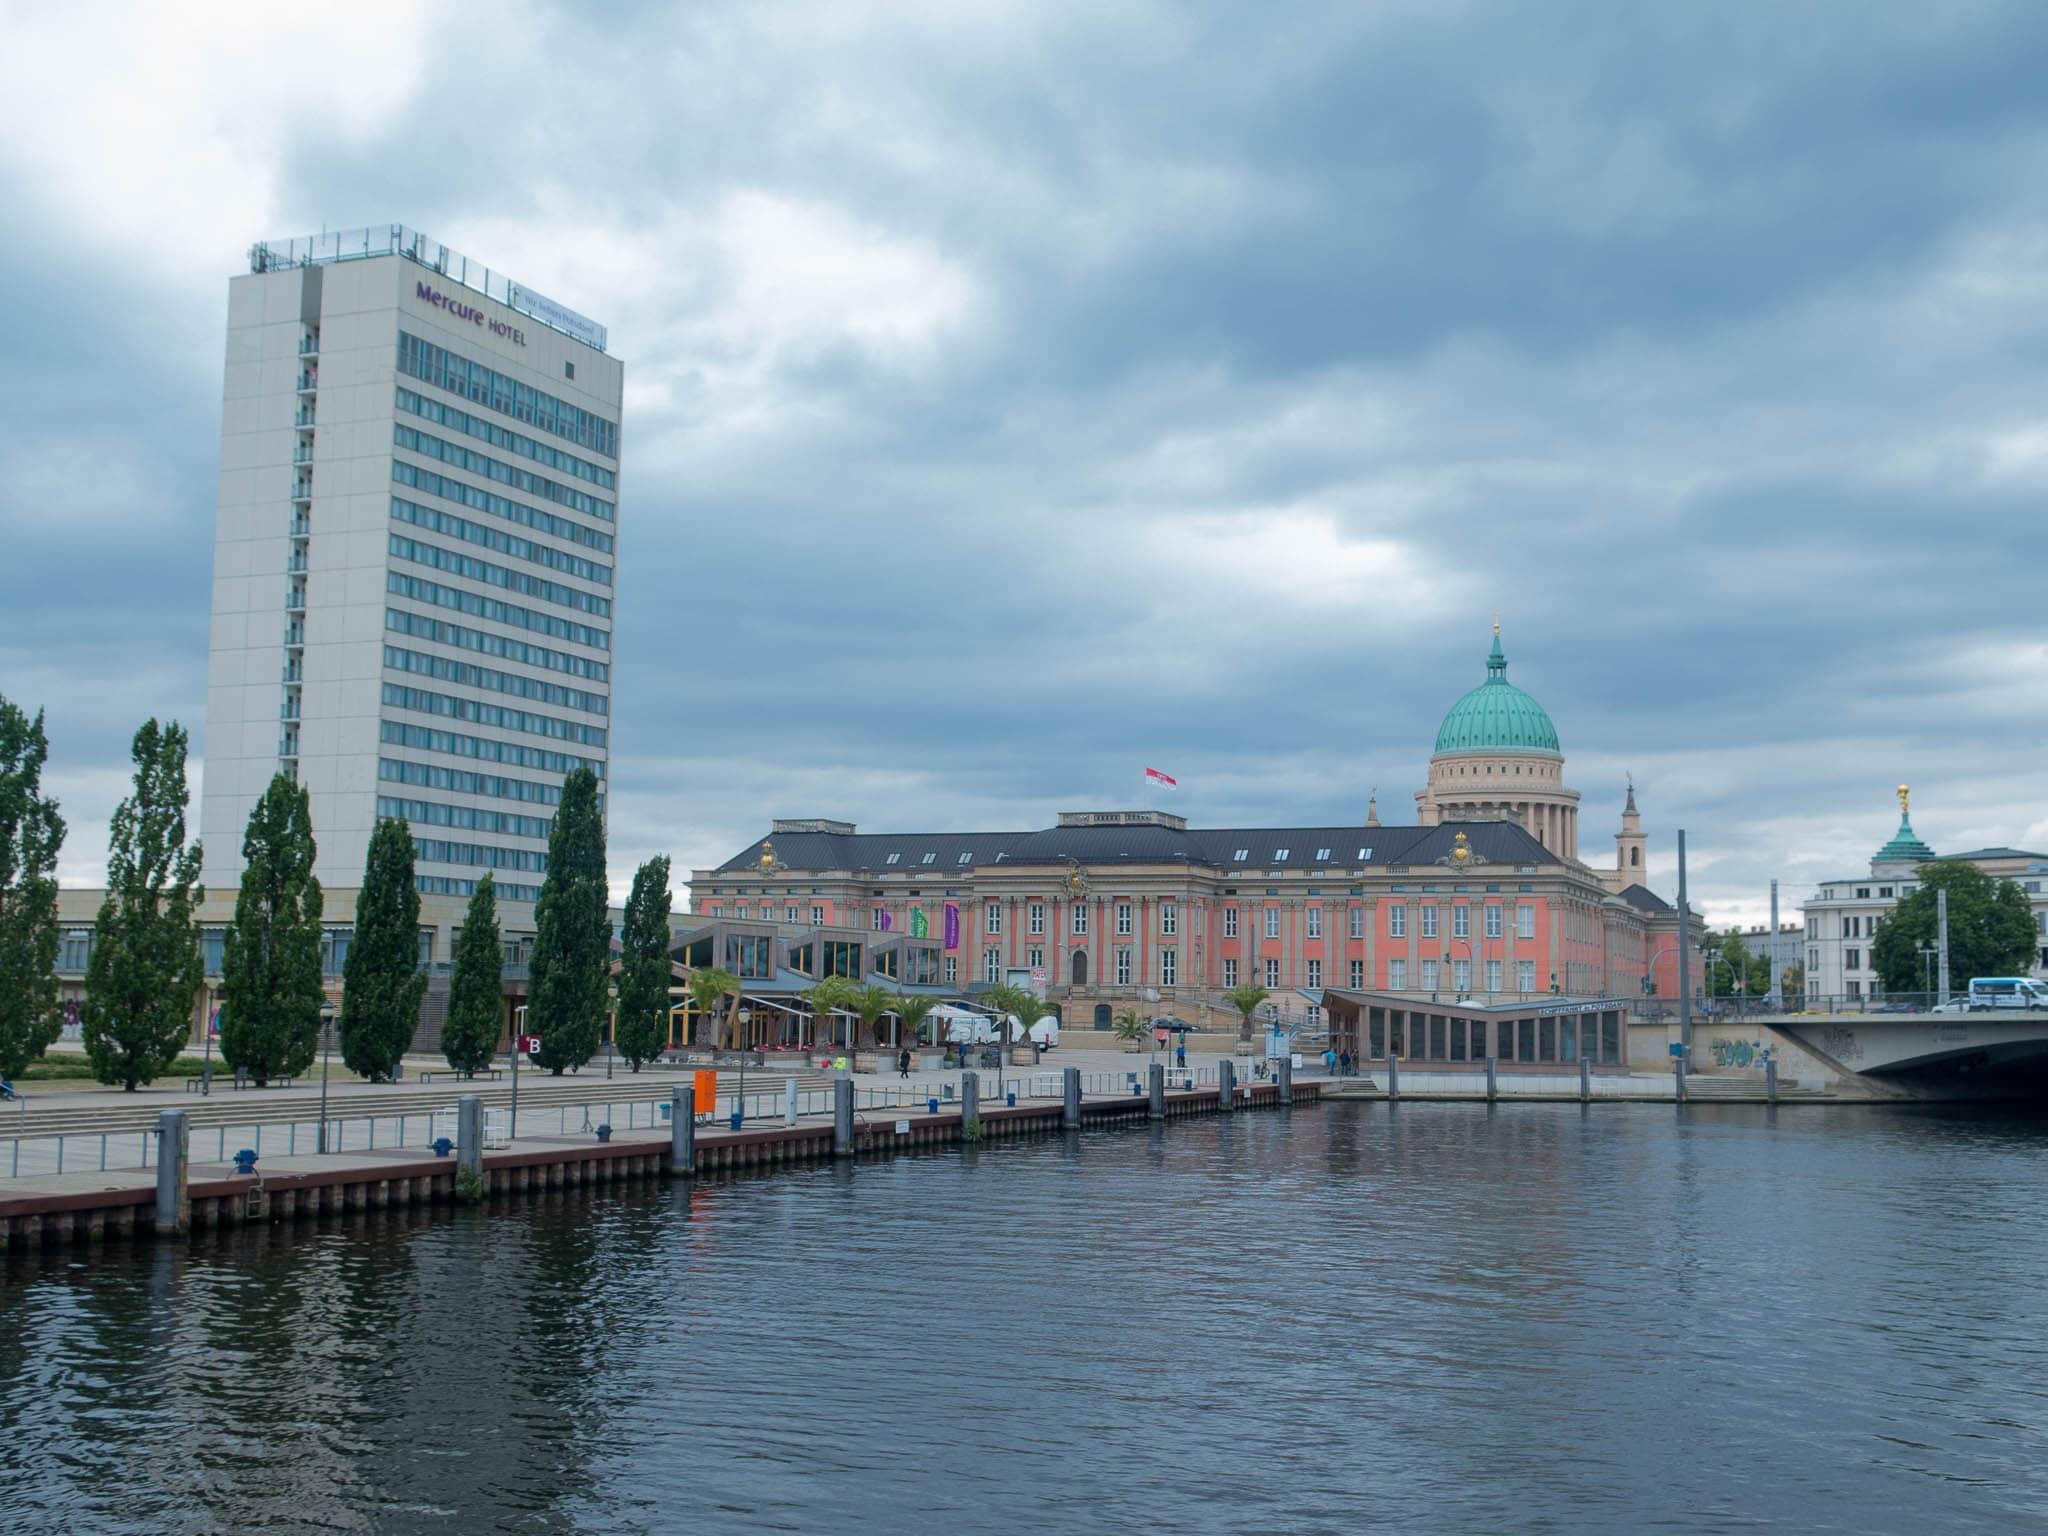 Potsdam Schiffsanlegestelle, links Mercure Hotel, Mitte Landtag Brandenburg, im Hintergrund Kuppel Nikolaikirche